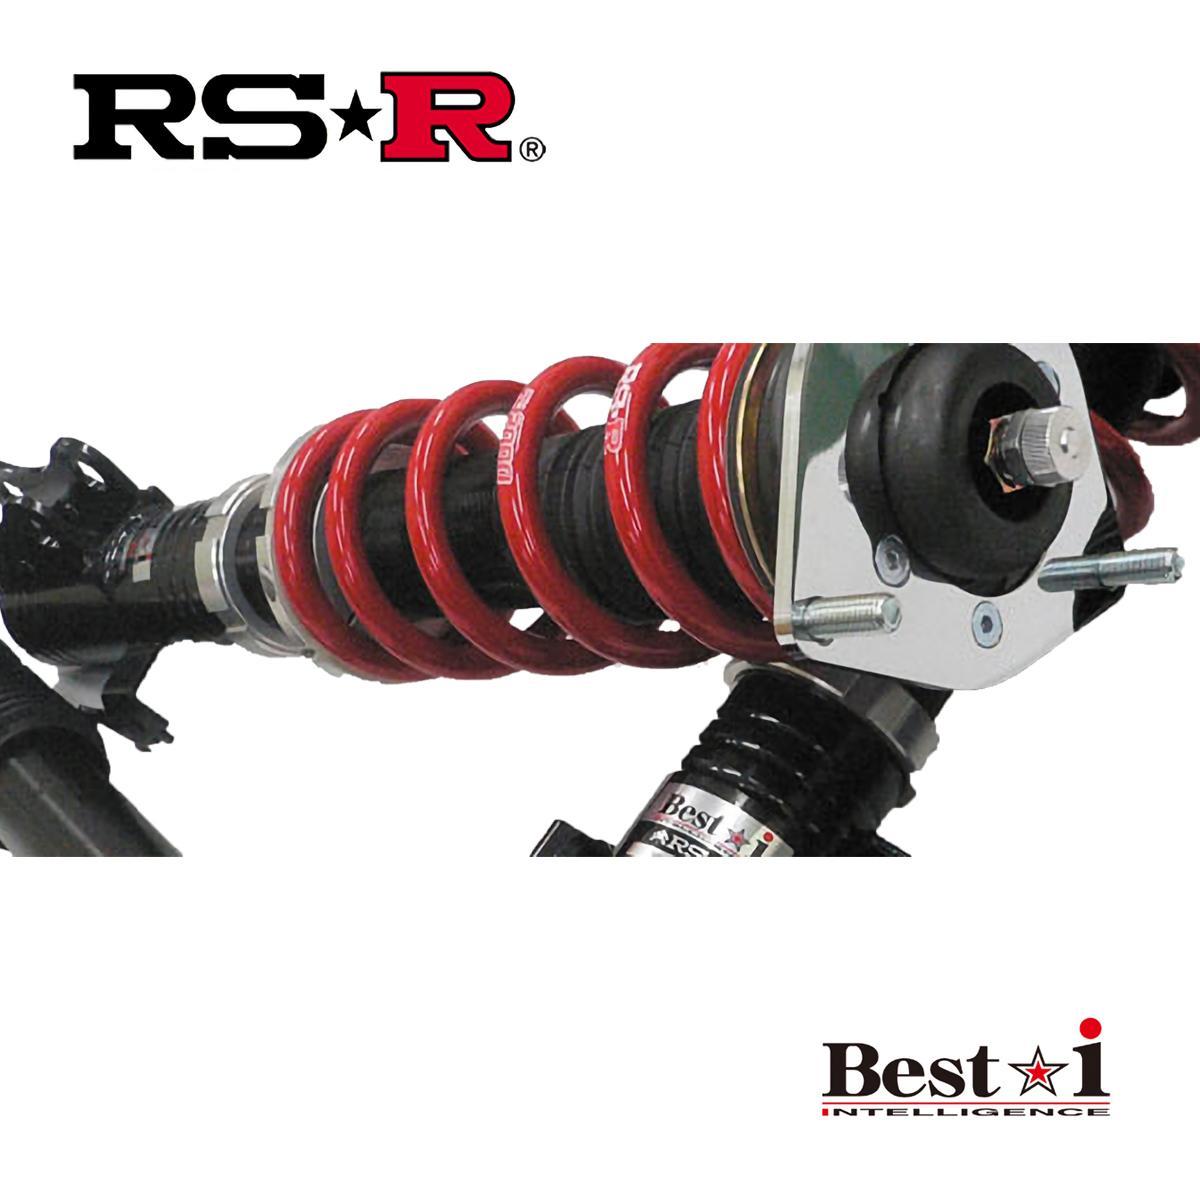 RS-R アクセラスポーツ 15XD Lパッケージ BMLFS 車高調 リア車高調整 ネジ式 BIM140M ベストi 推奨仕様 RSR 個人宅発送追金有